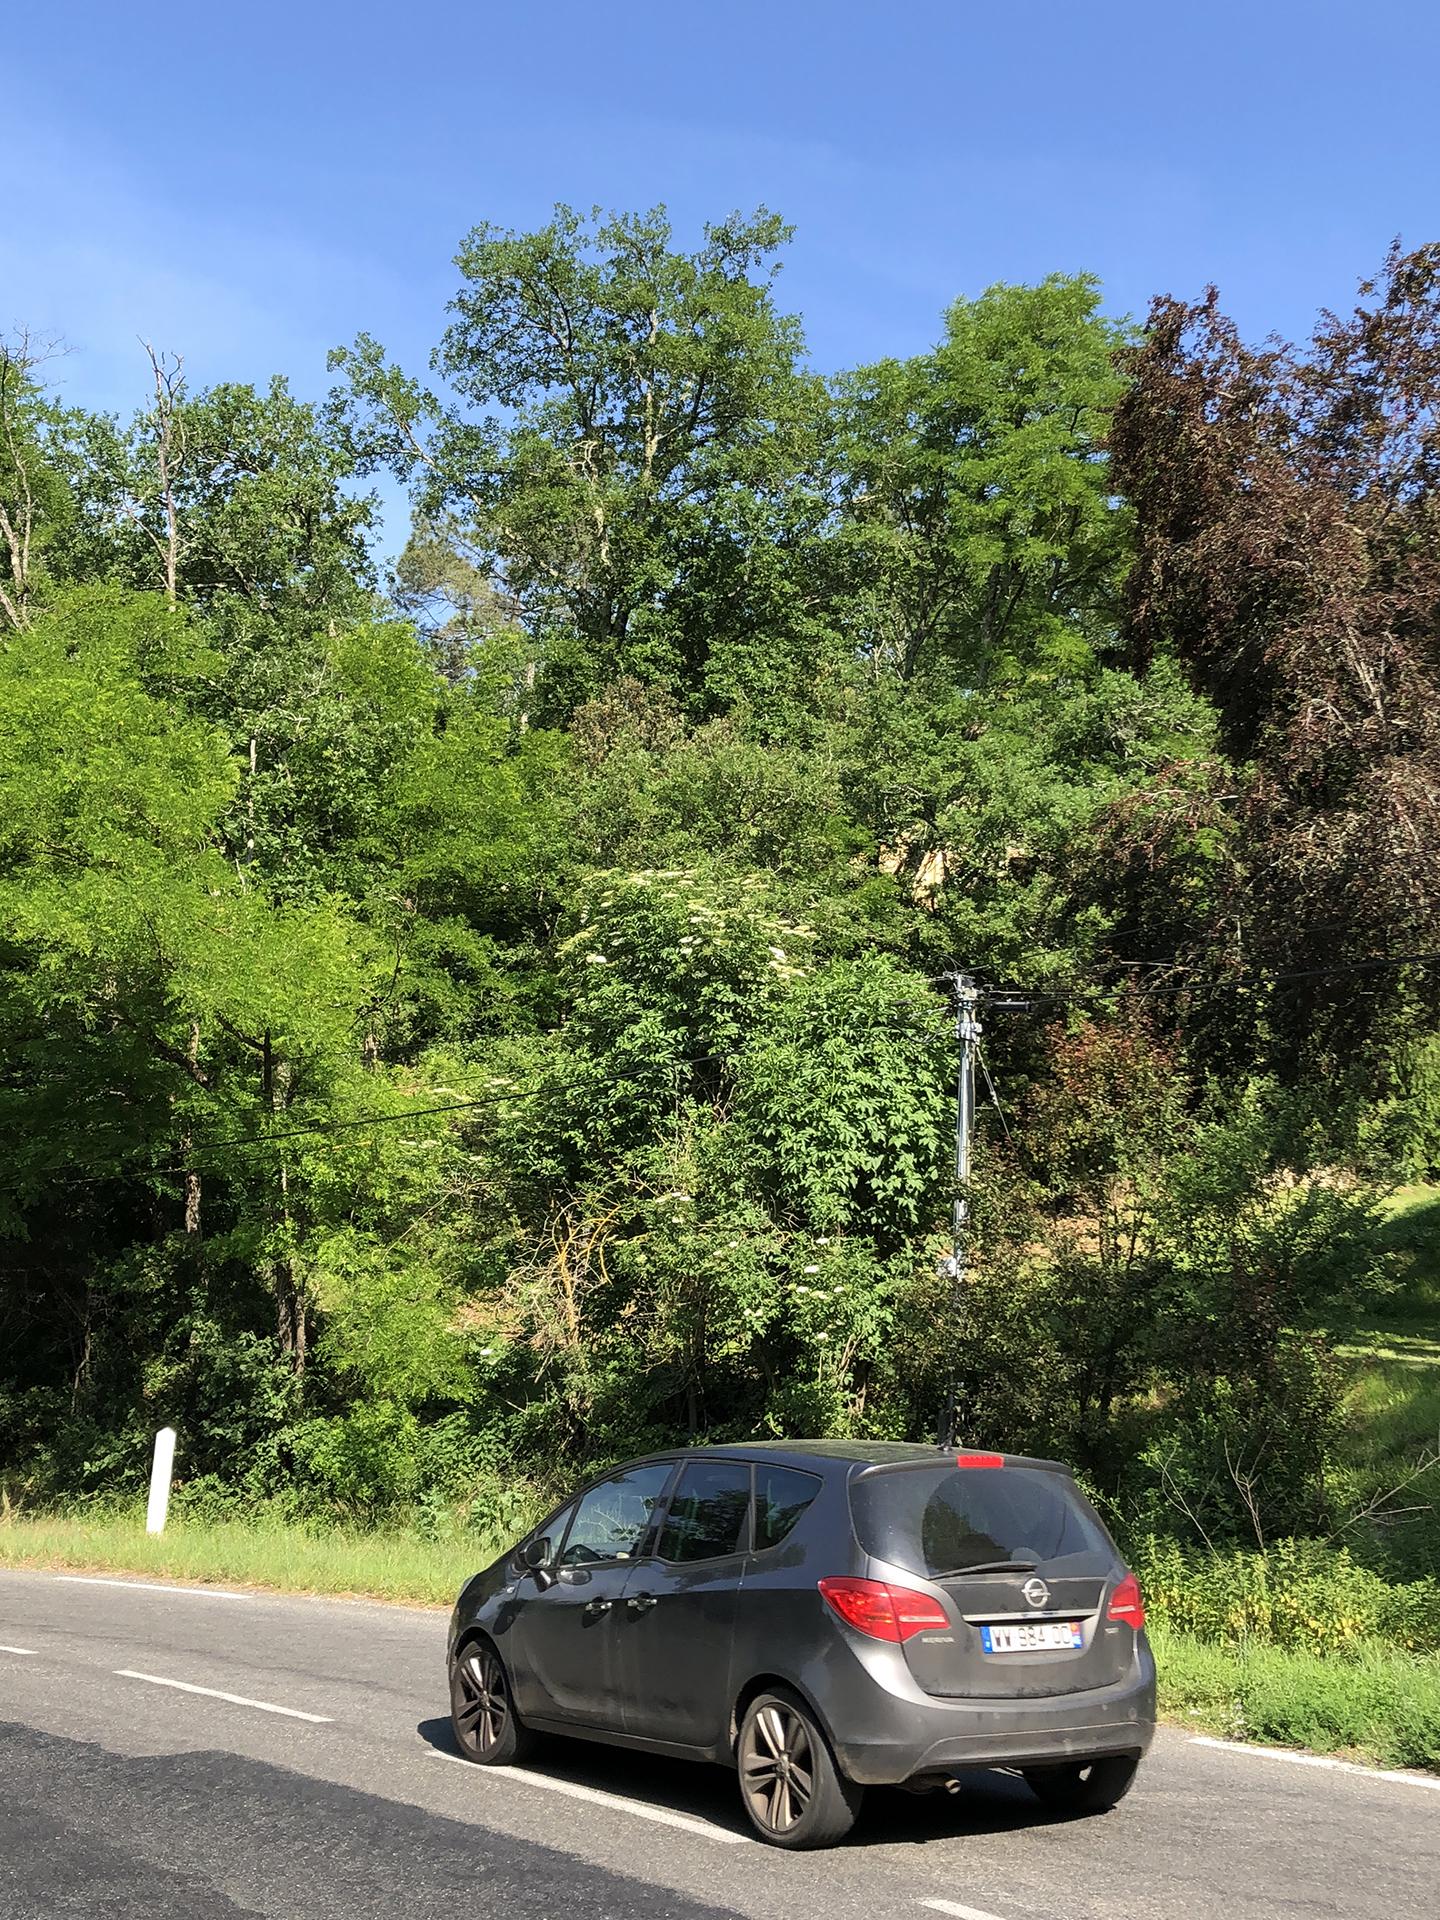 La maison Lafon is barely seen through the trees above Départementale 704